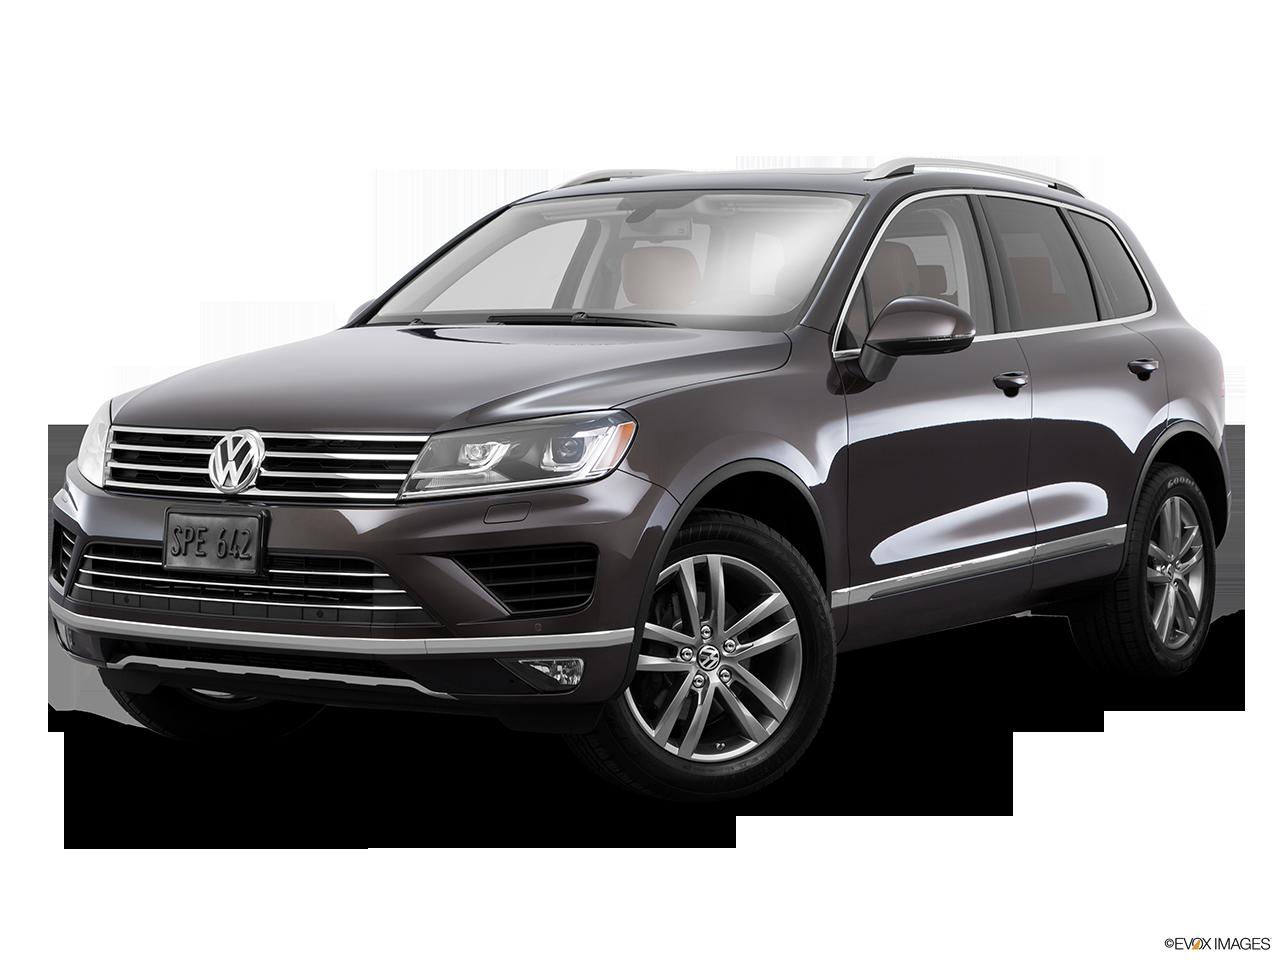 2015 Volkswagen Eos Dealer Serving Nashville Hallmark